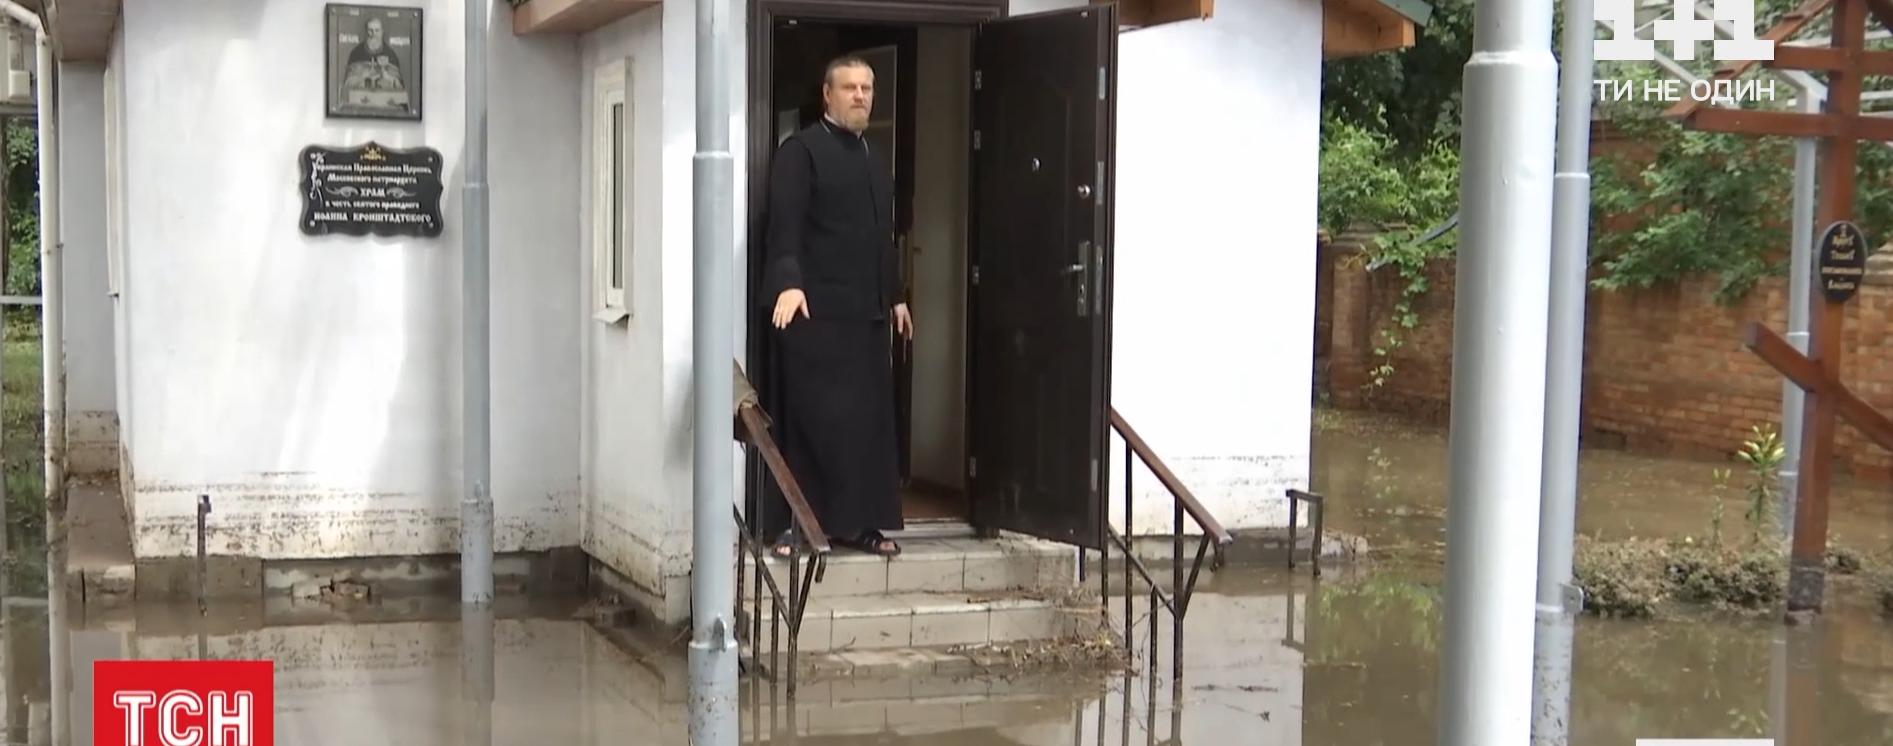 Грозовий фронт накриває Україну: у Вінниці люди пересувались убрід, а машинидрейфували у бурхливих потоках